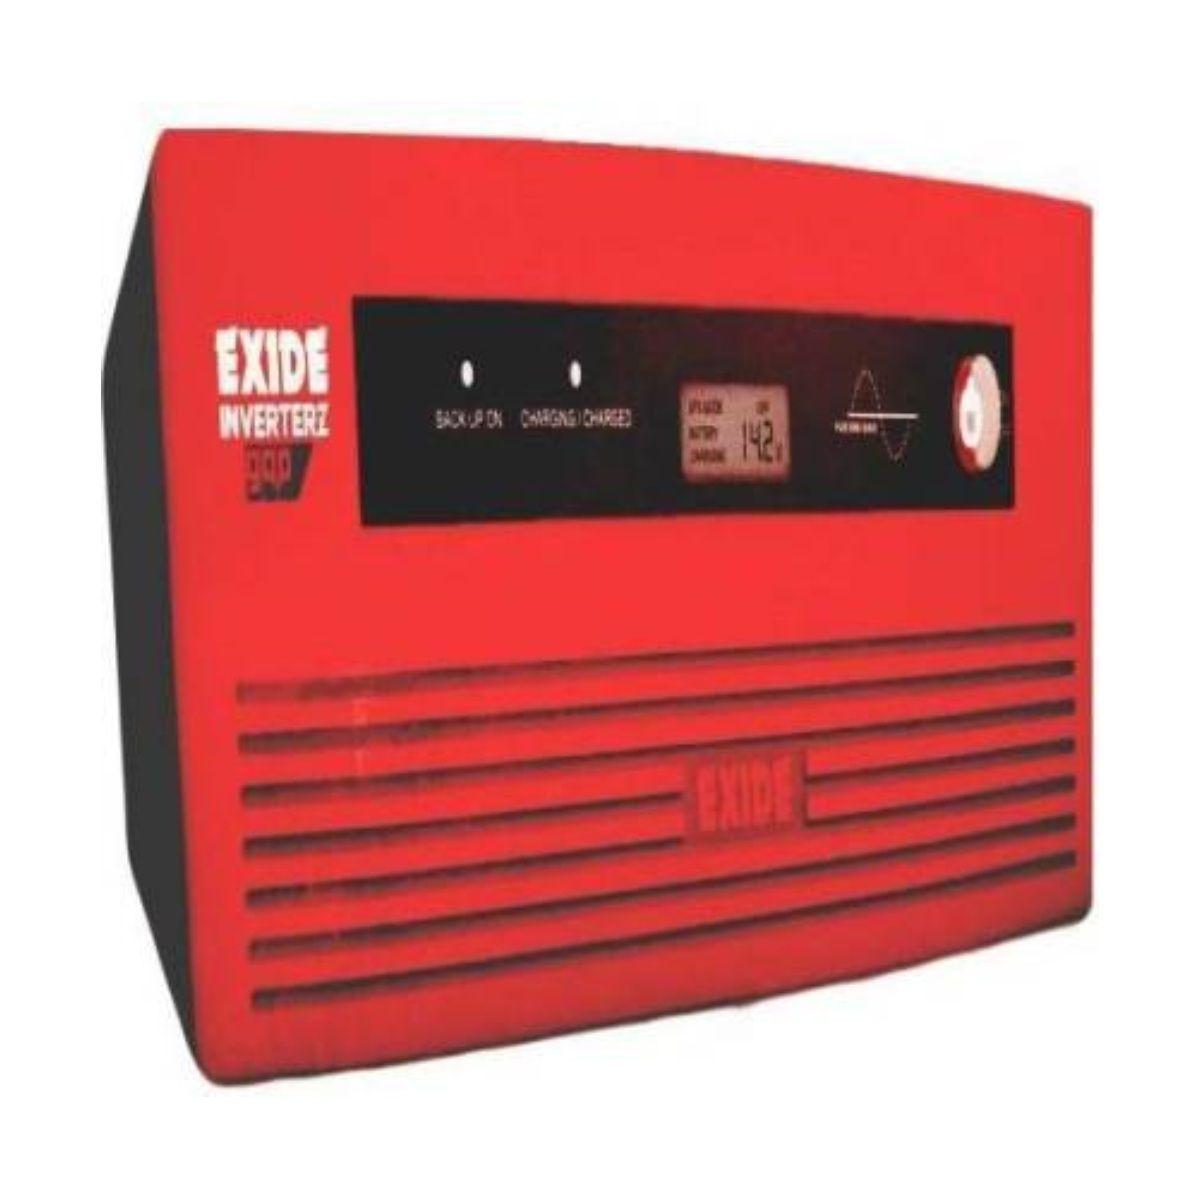 EXIDE GQP 850VA Pure Sine Wave Inverter